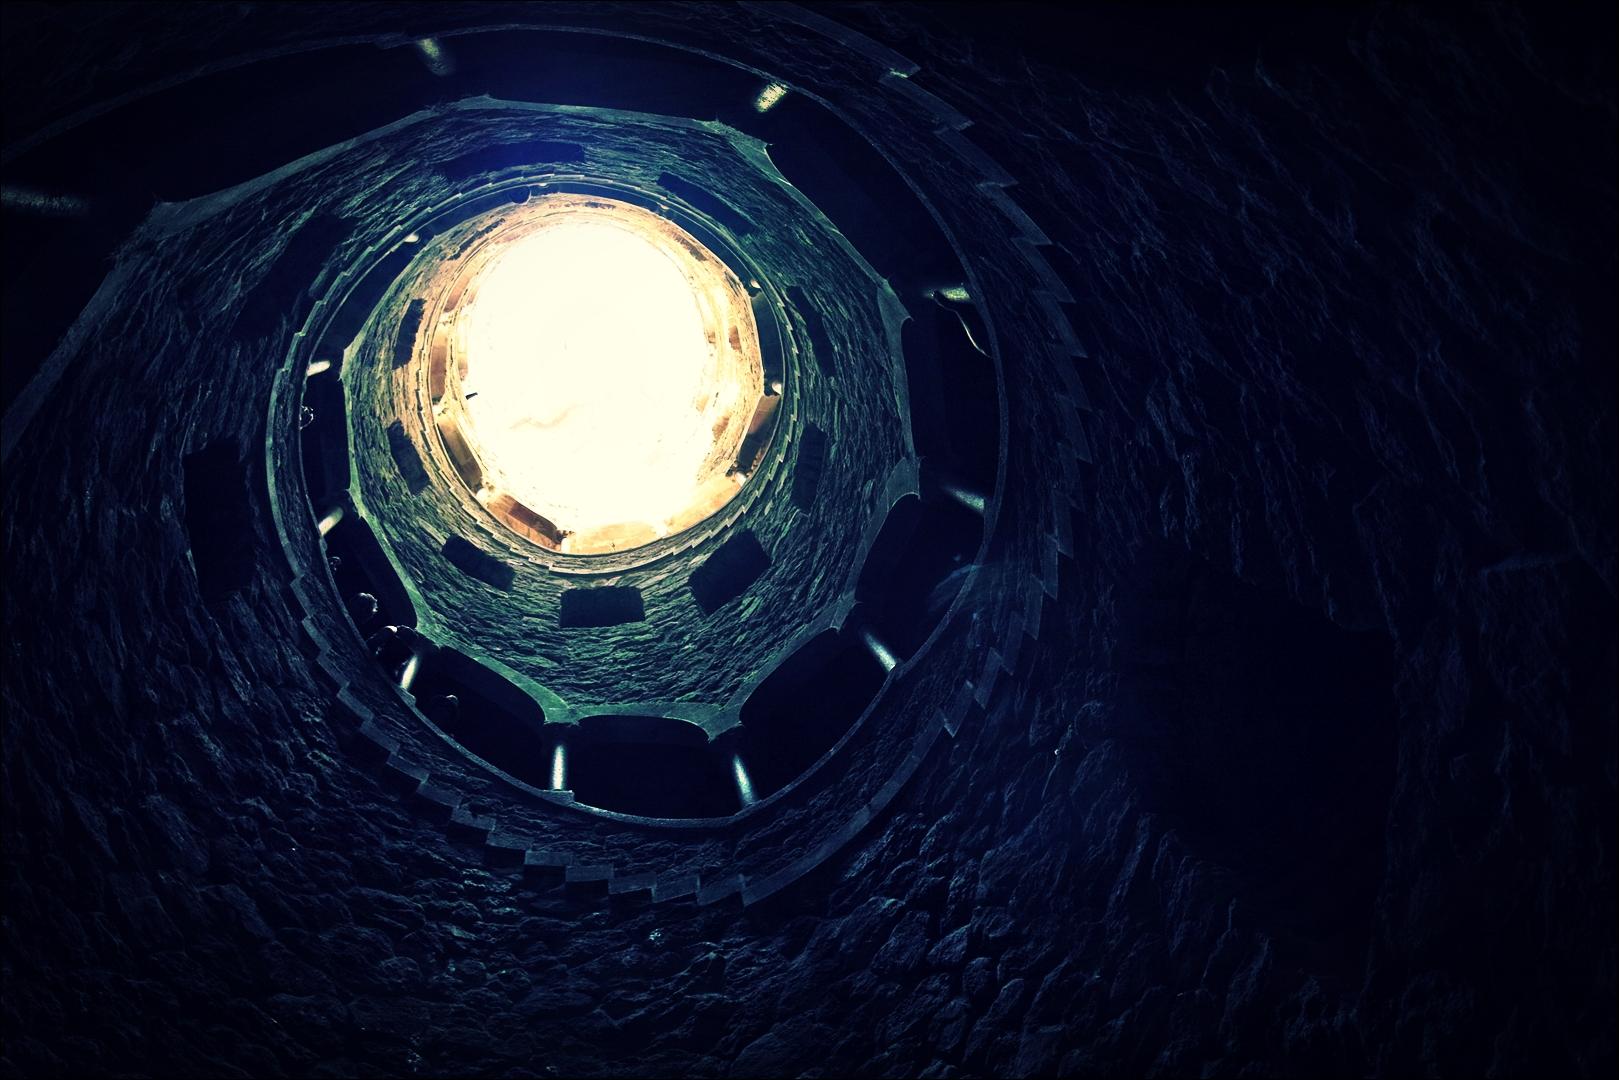 지하 통로-'헤갈레이라 별장(Quinta da regaleira)'